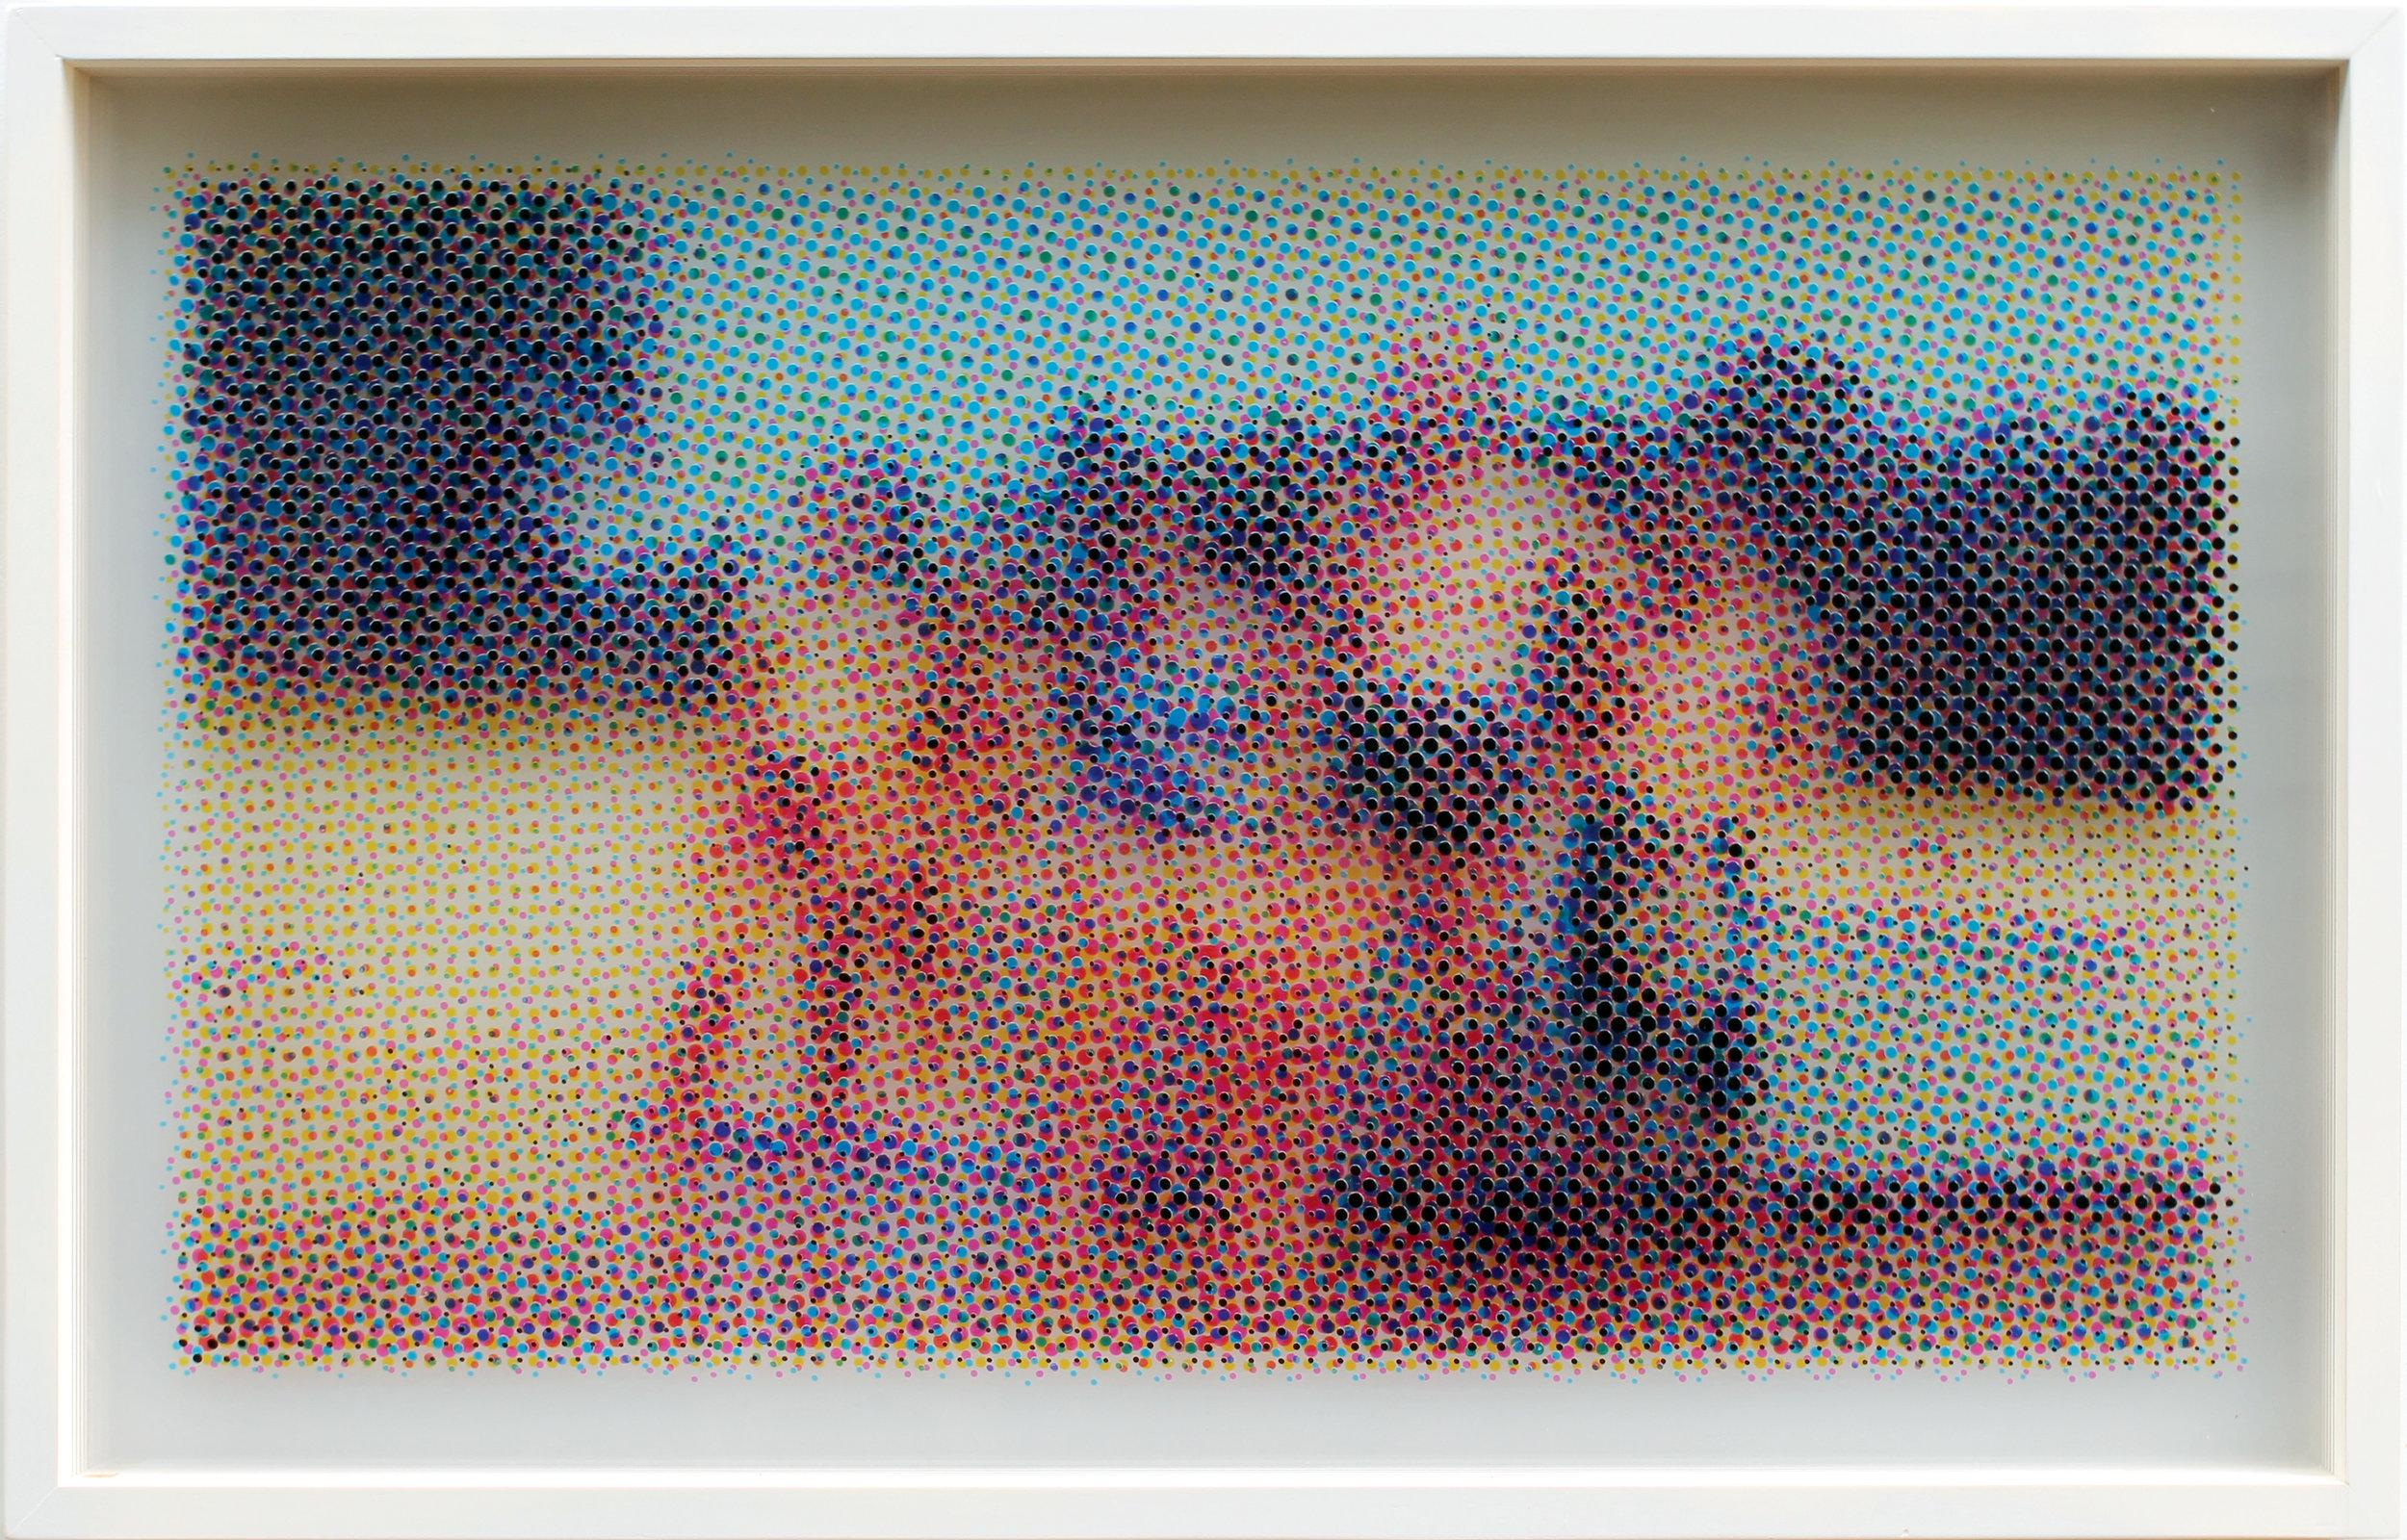 BeachFamily_DavidNelsonArt.jpg